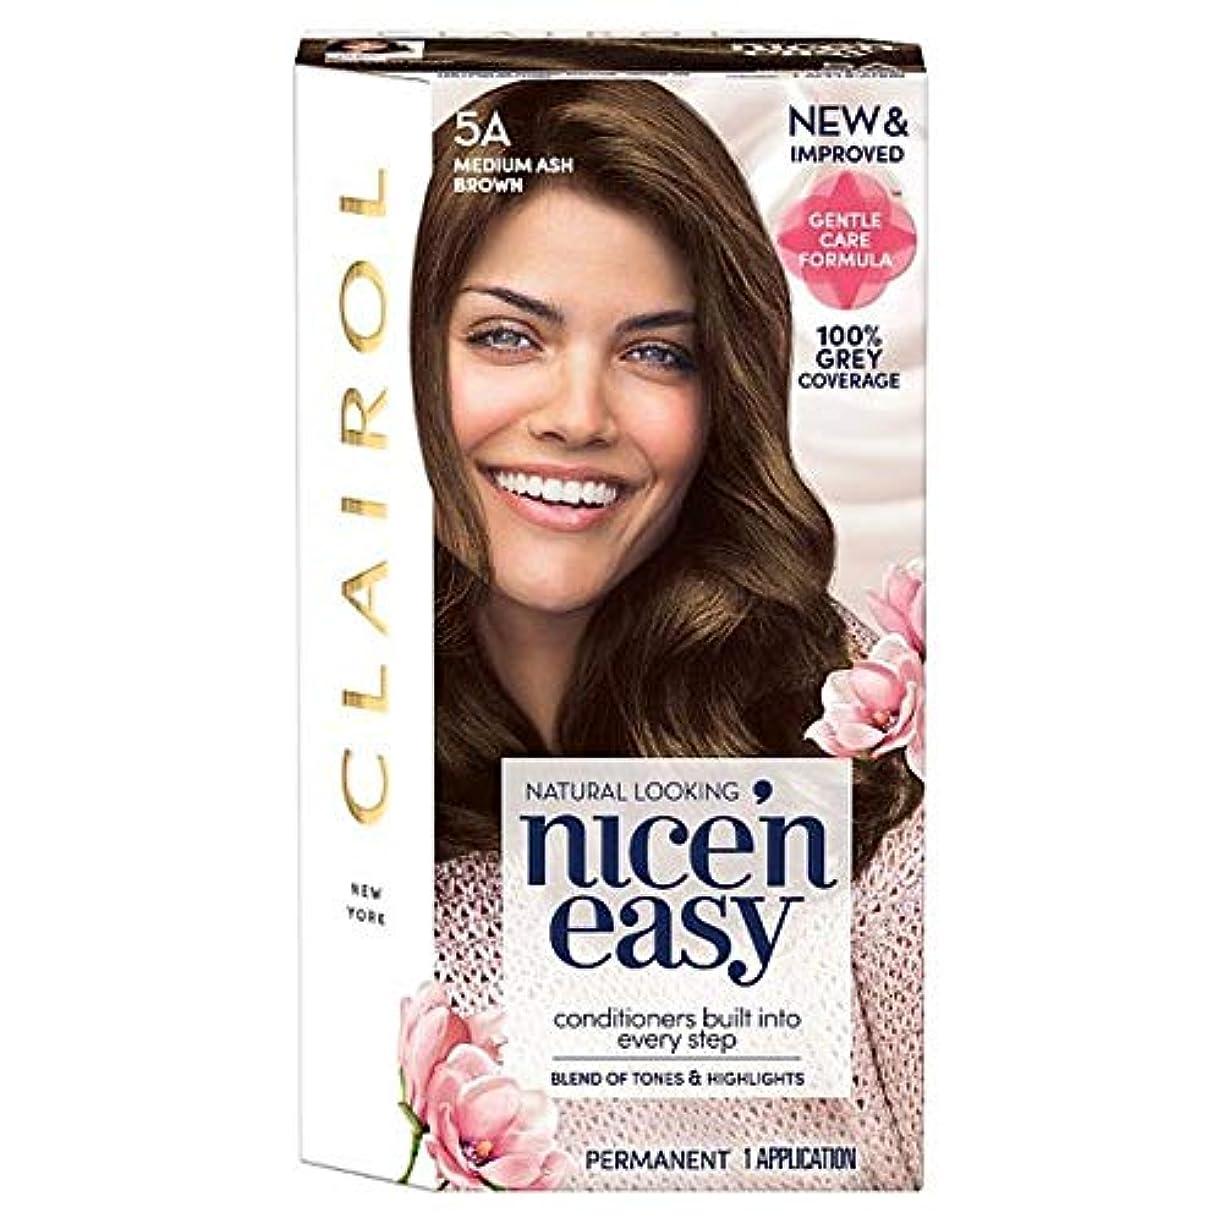 むしろお願いしますメッセージ[Nice'n Easy] クレイロール素敵な「N簡単にメディアアッシュブラウン5Aの染毛剤 - Clairol Nice 'N Easy Medium Ash Brown 5A Hair Dye [並行輸入品]